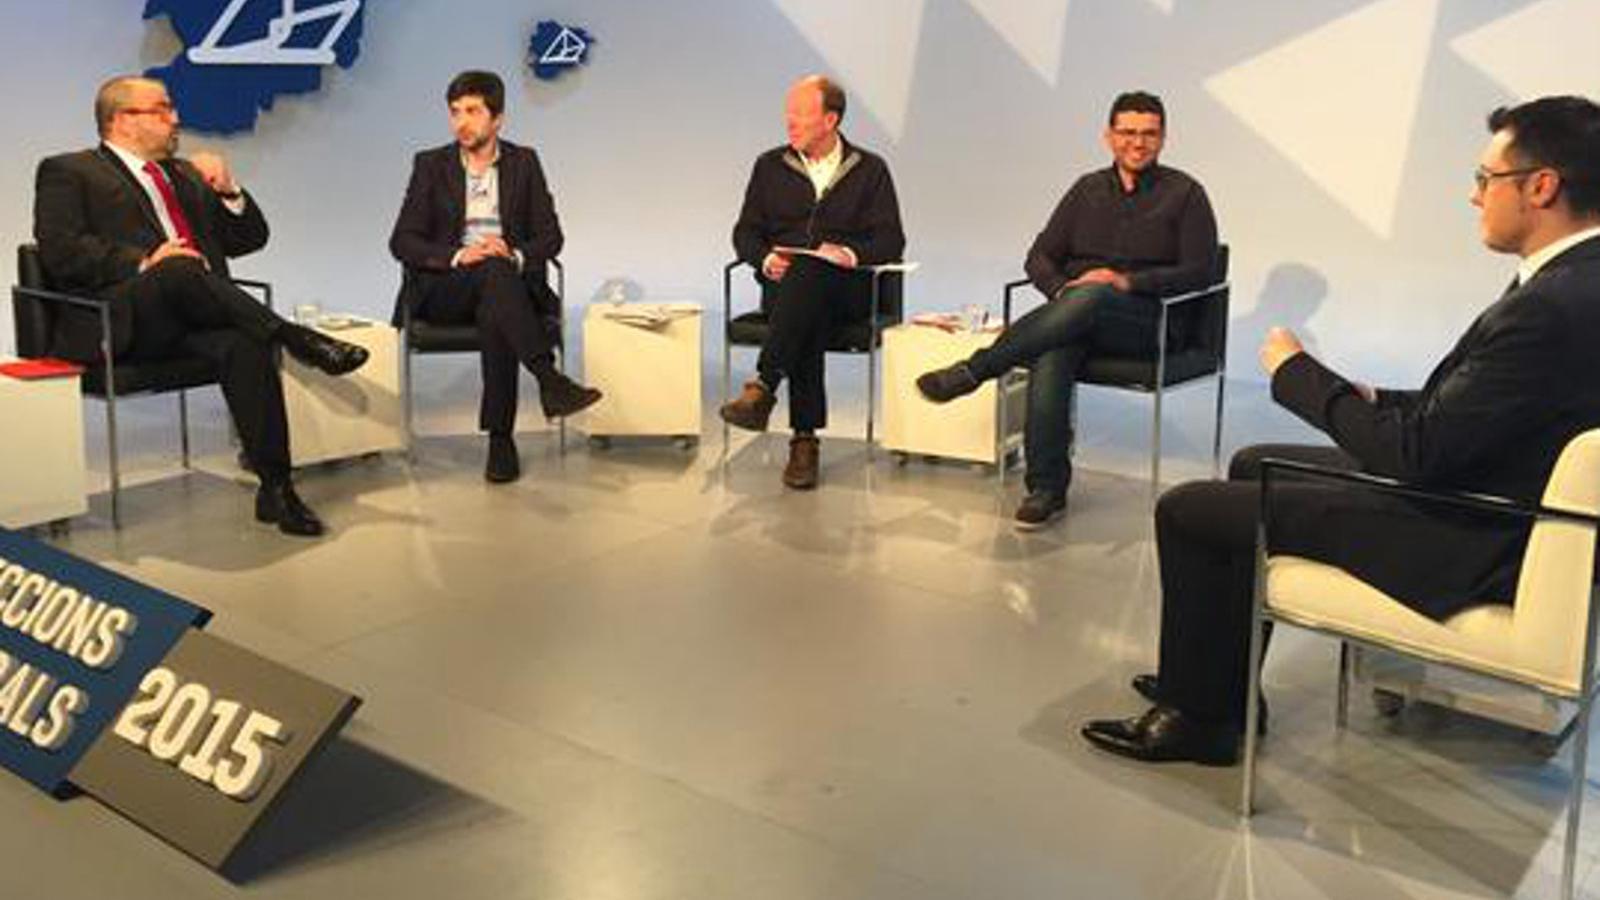 Els quatre candidats d'Ordino s'han enfrontat en el debat televisiu / RTVA